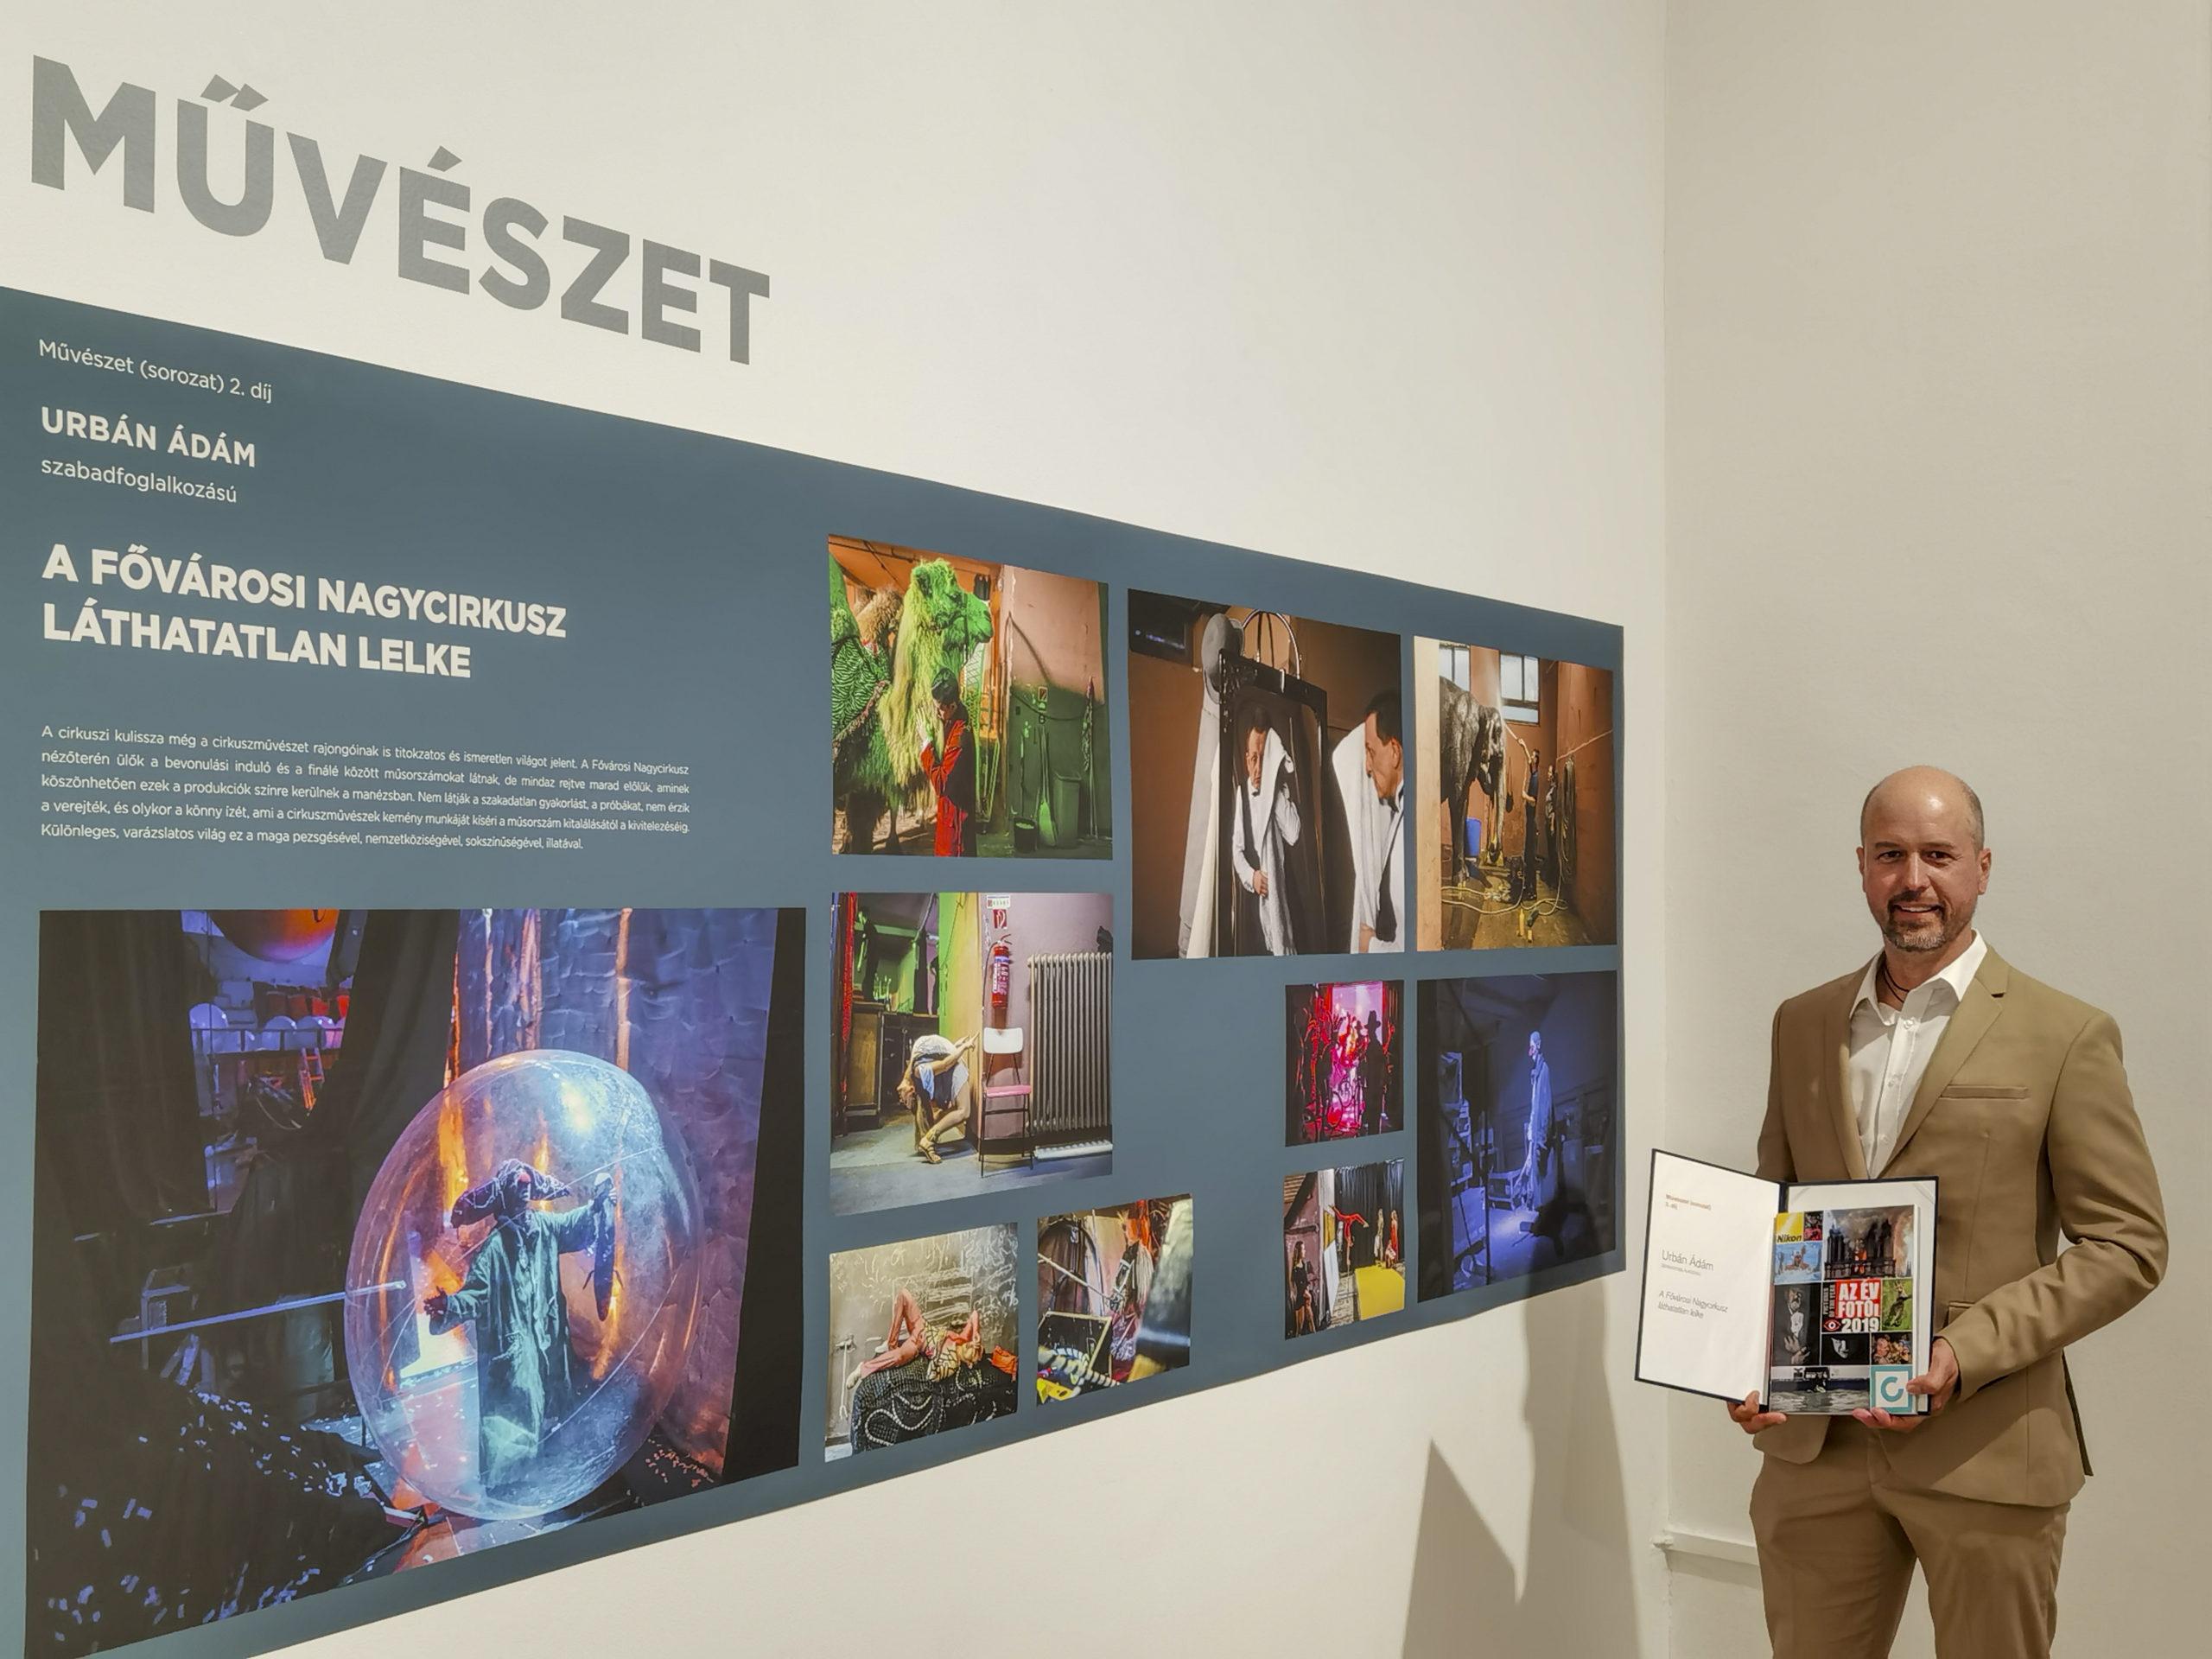 Urbán Ádám II. helyezést ért el a Magyar Sajtófotó Pályázat Művészet (sorozat) kategóriájában